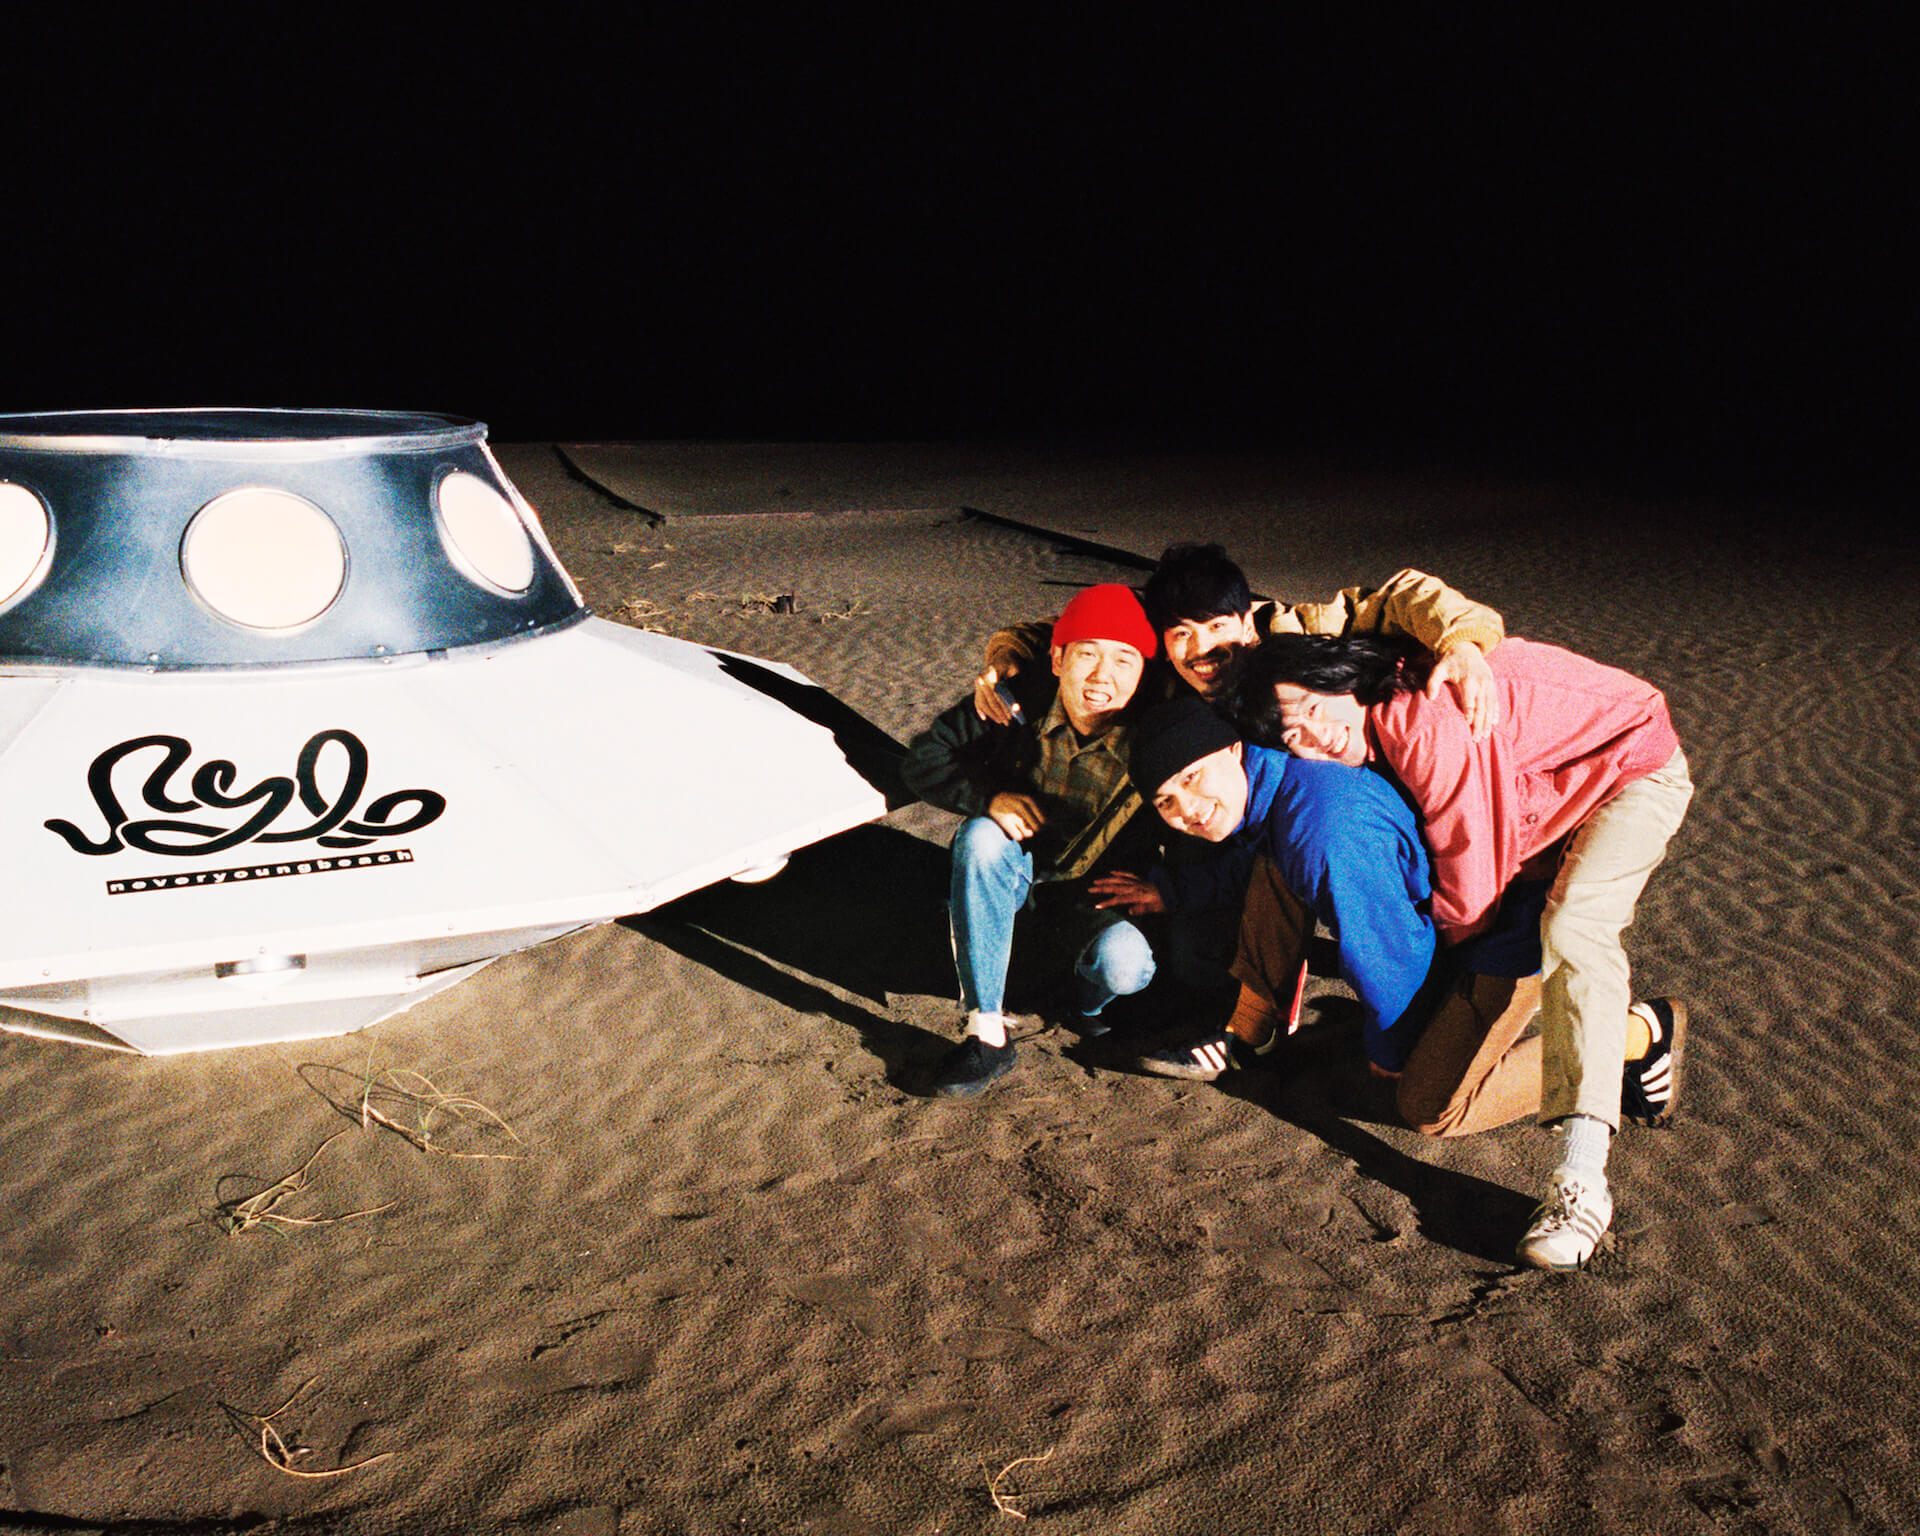 運命は偶然で必然。never young beachが今を生きる人たちへ贈る『STORY』を紐解く interview190426-neveryoungbeach-11